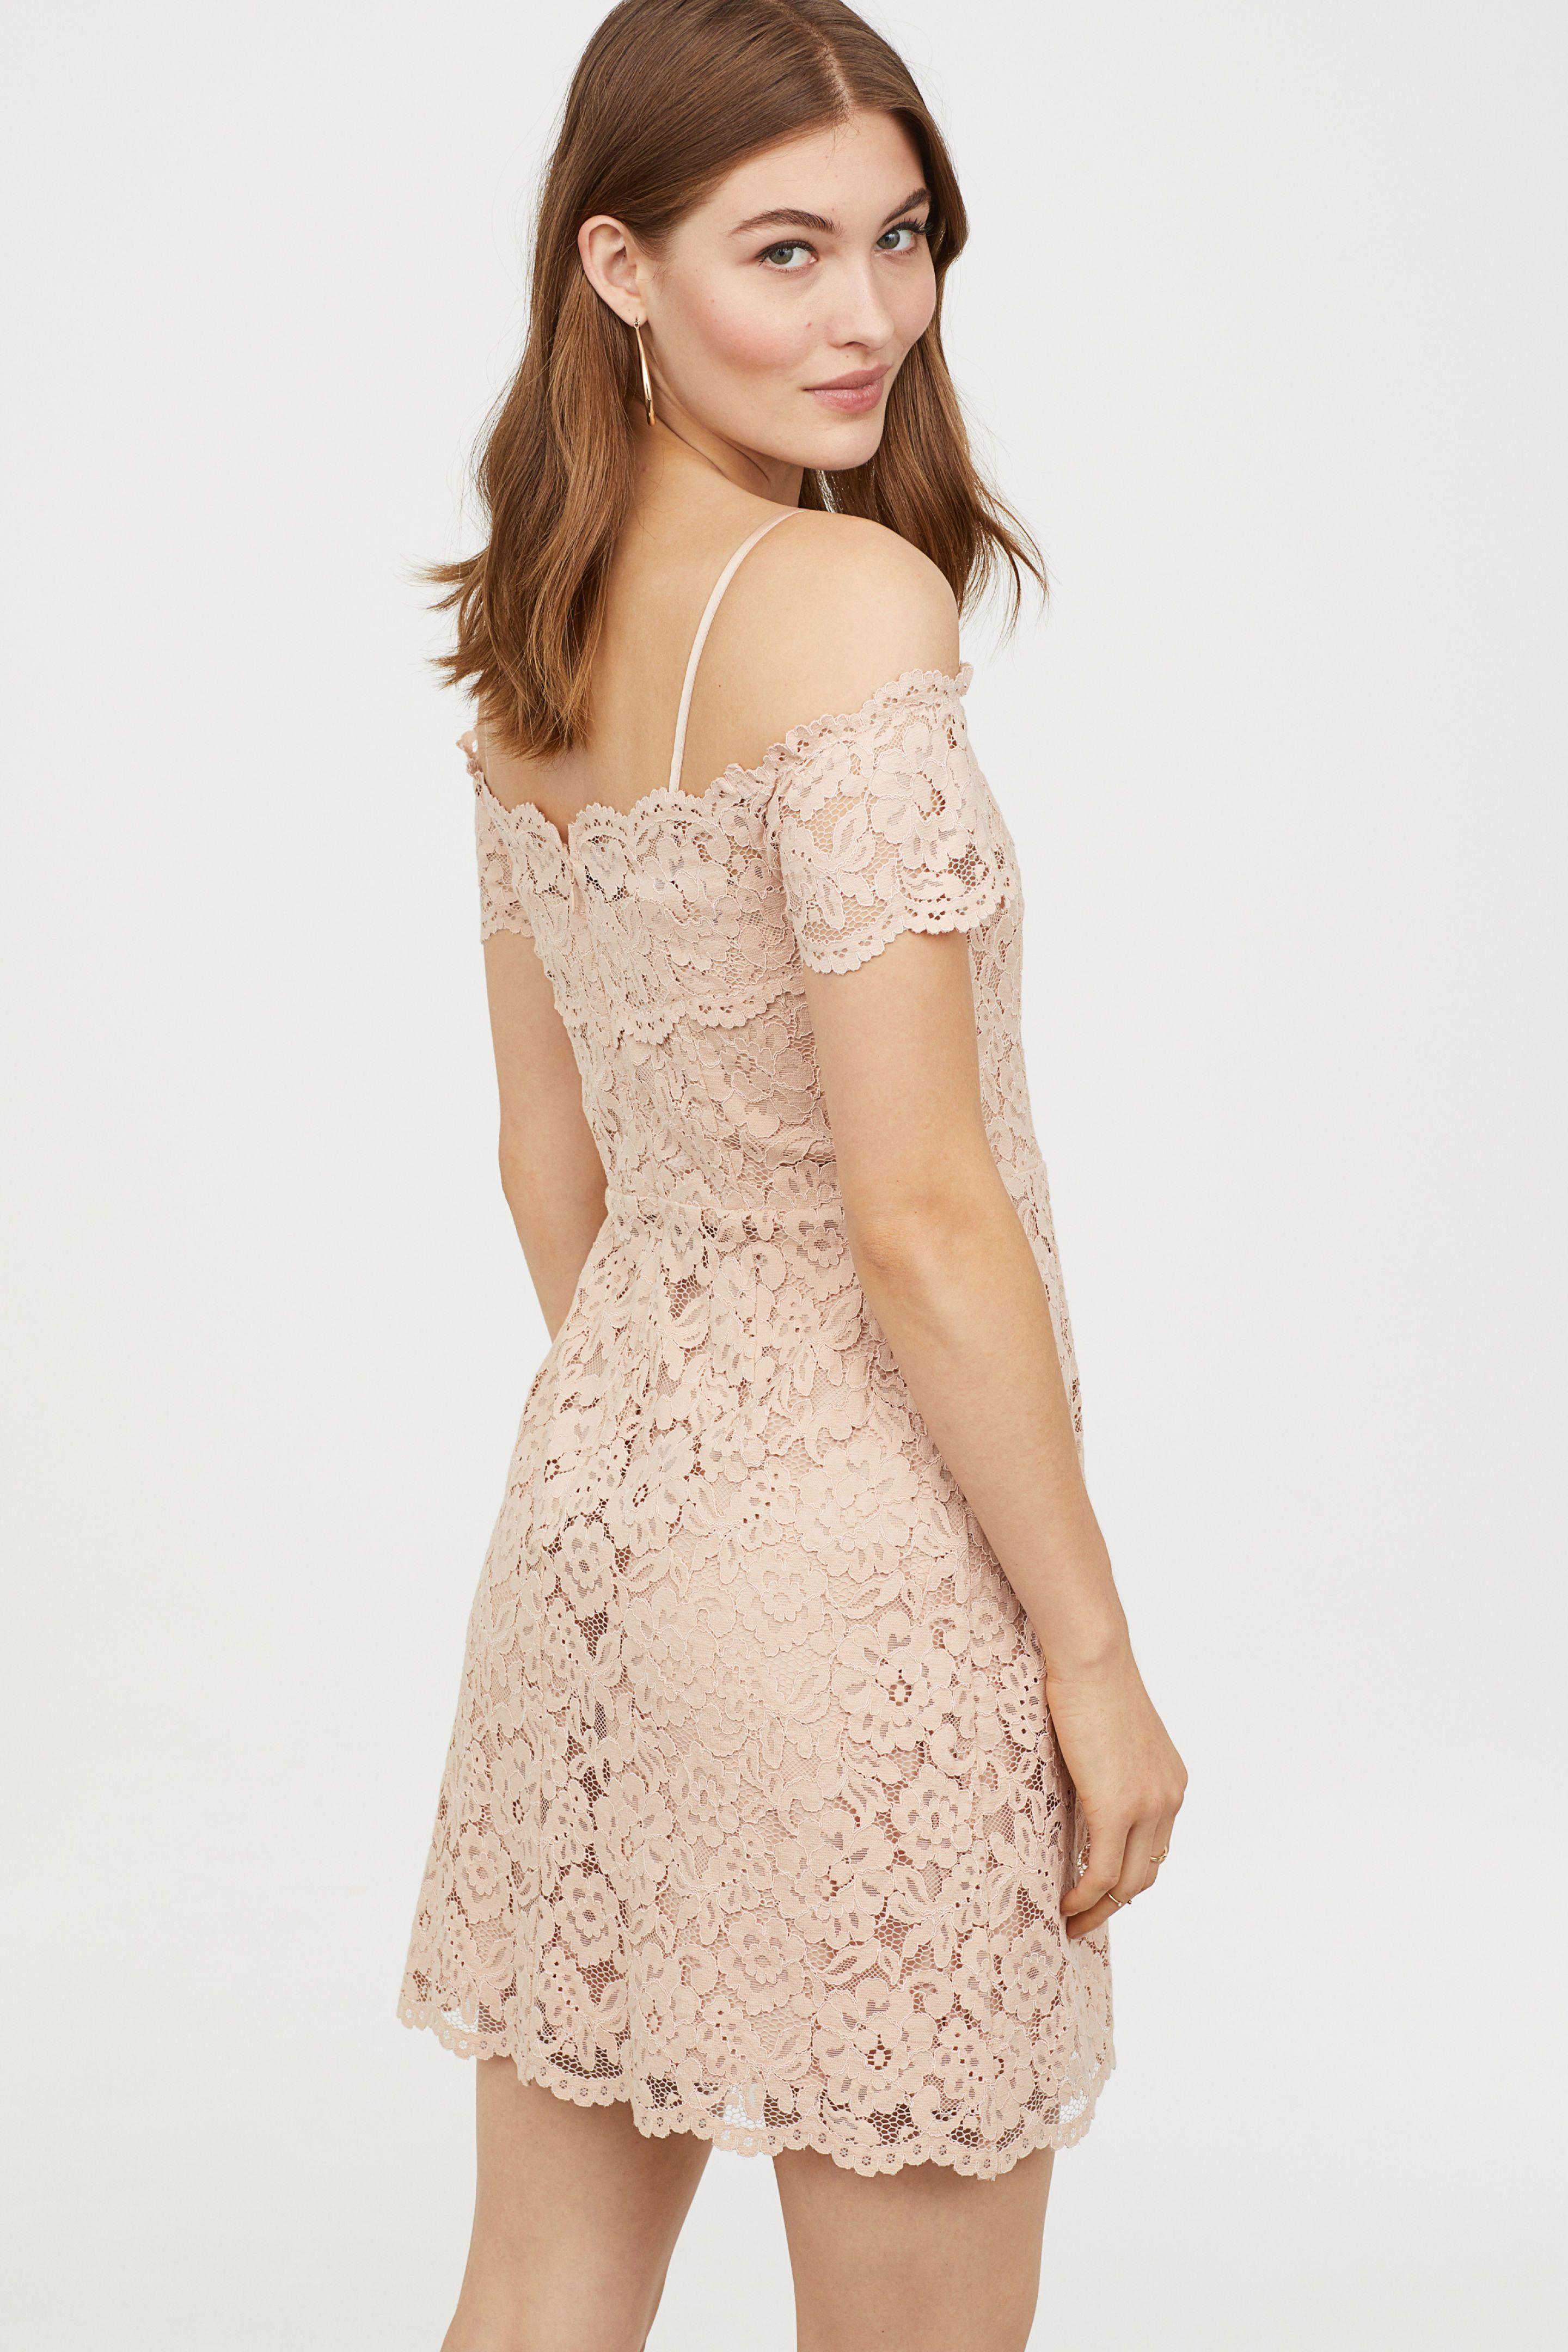 38e33e9137cef Off-the-shoulder dress in 2019 | Outfit | Dresses, Shoulder dress ...